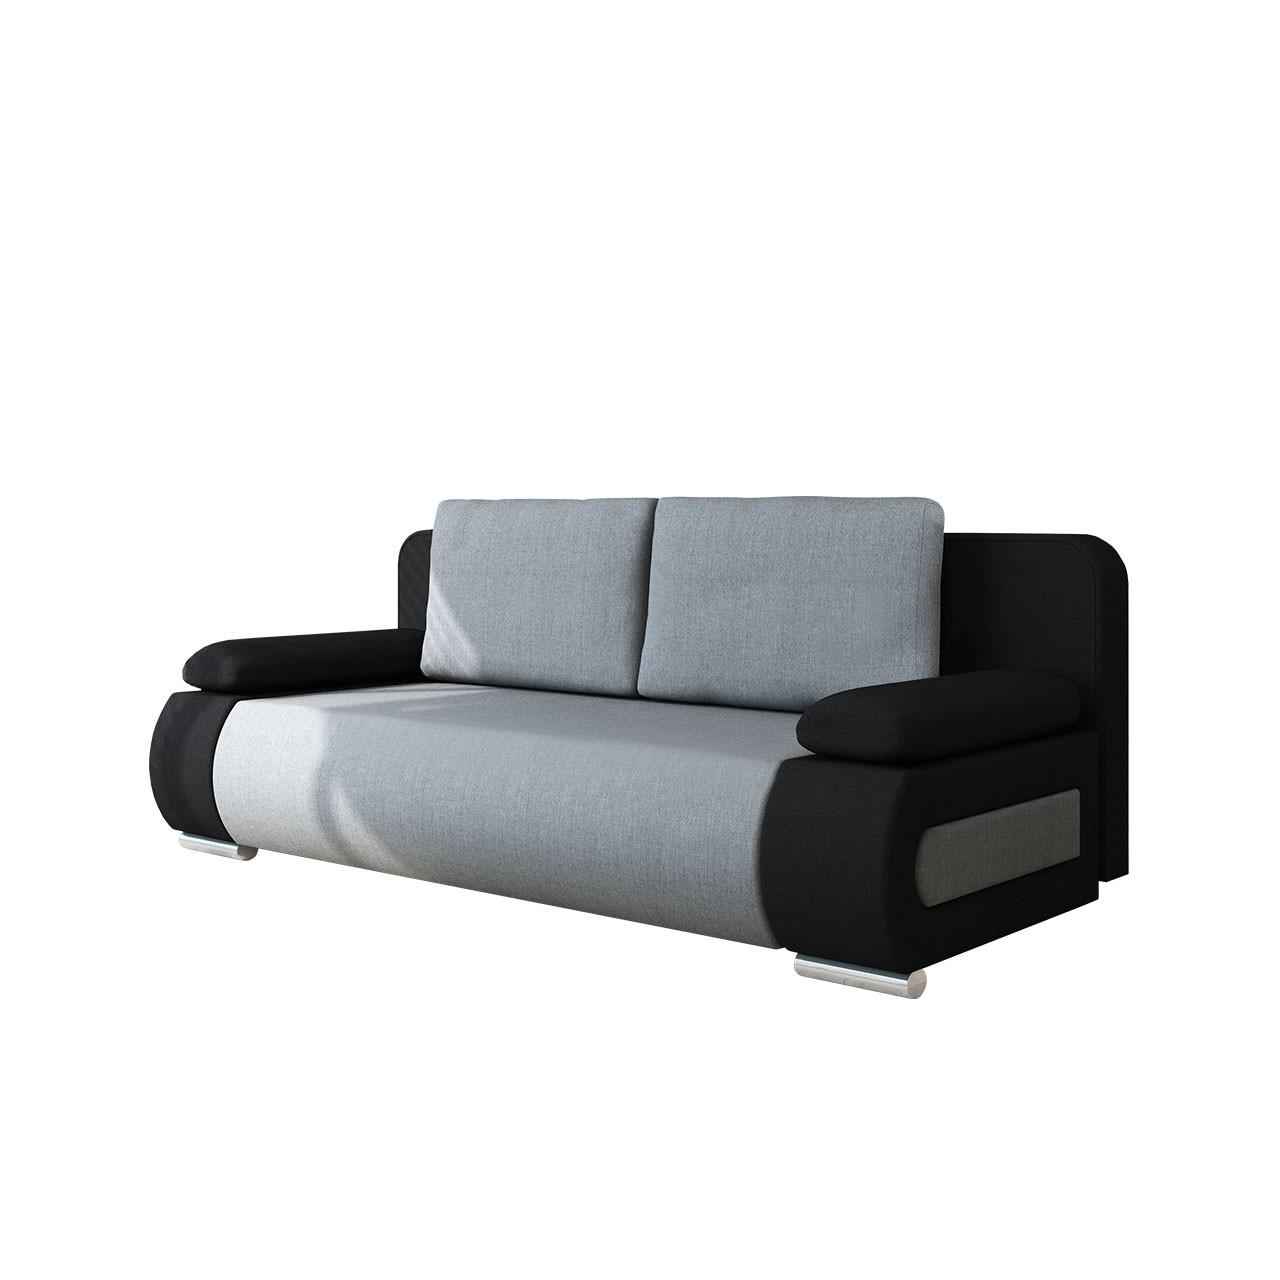 Sofa Sisto mit Bettkasten und Schlaffunktion - x-moebel24